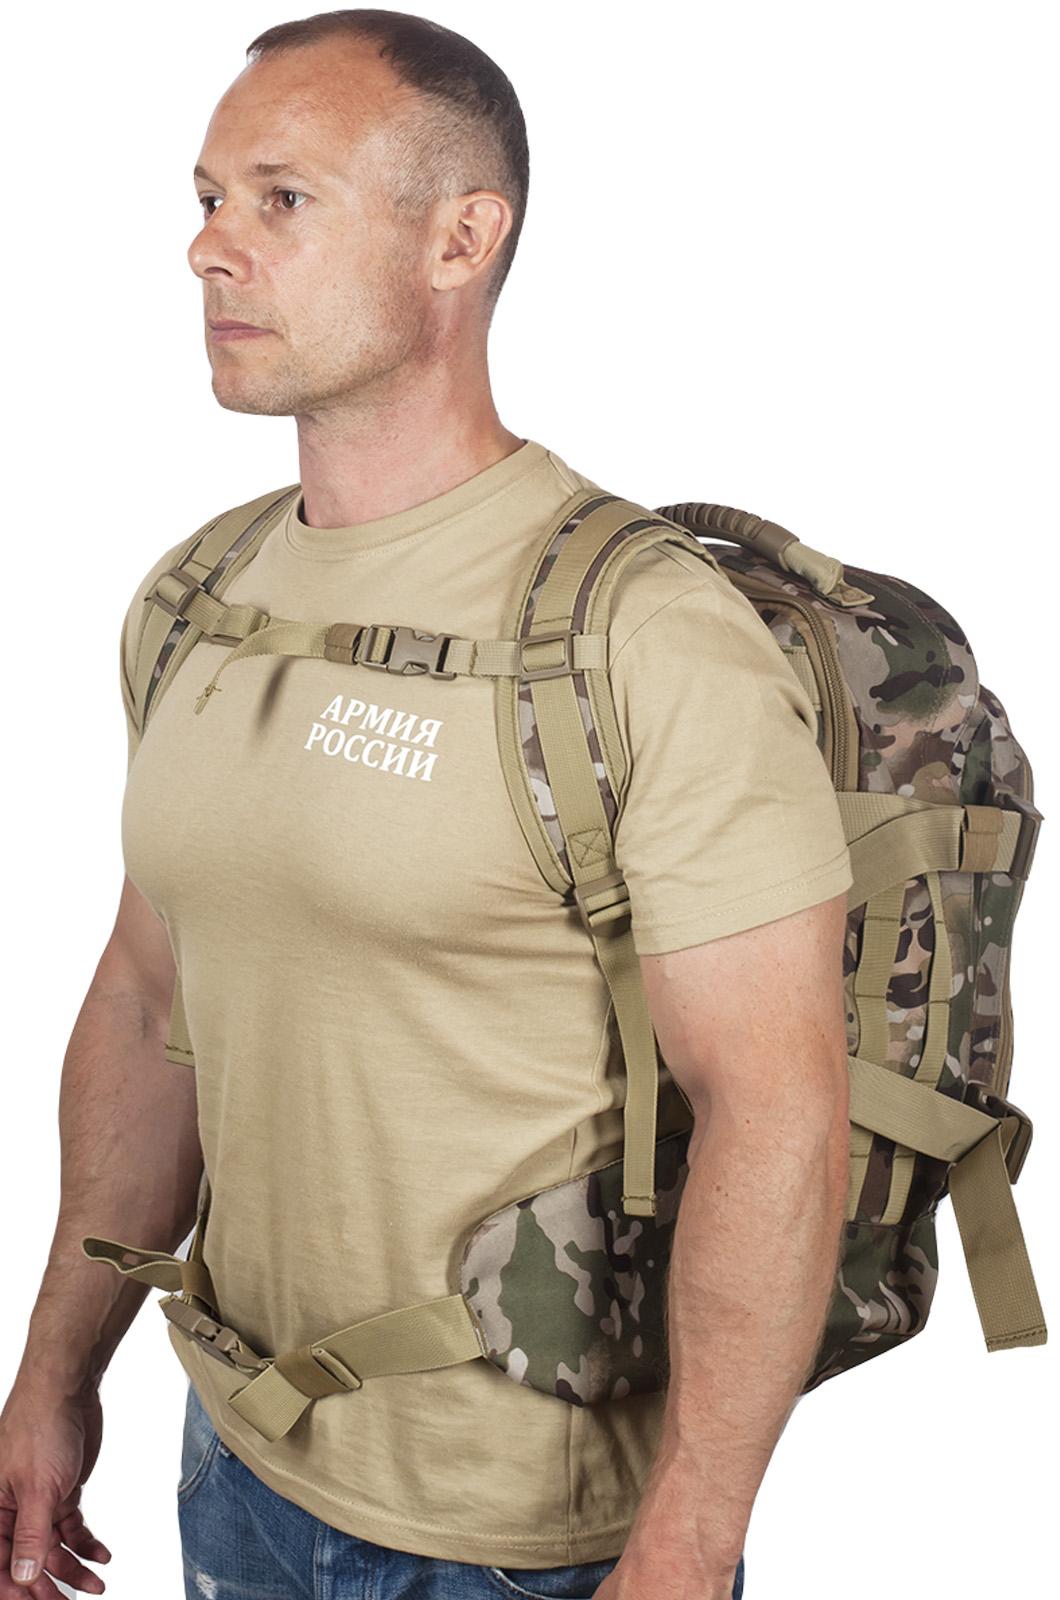 Камуфляжный трехдневный рюкзак с нашивкой Русская Охота - купить в розницу